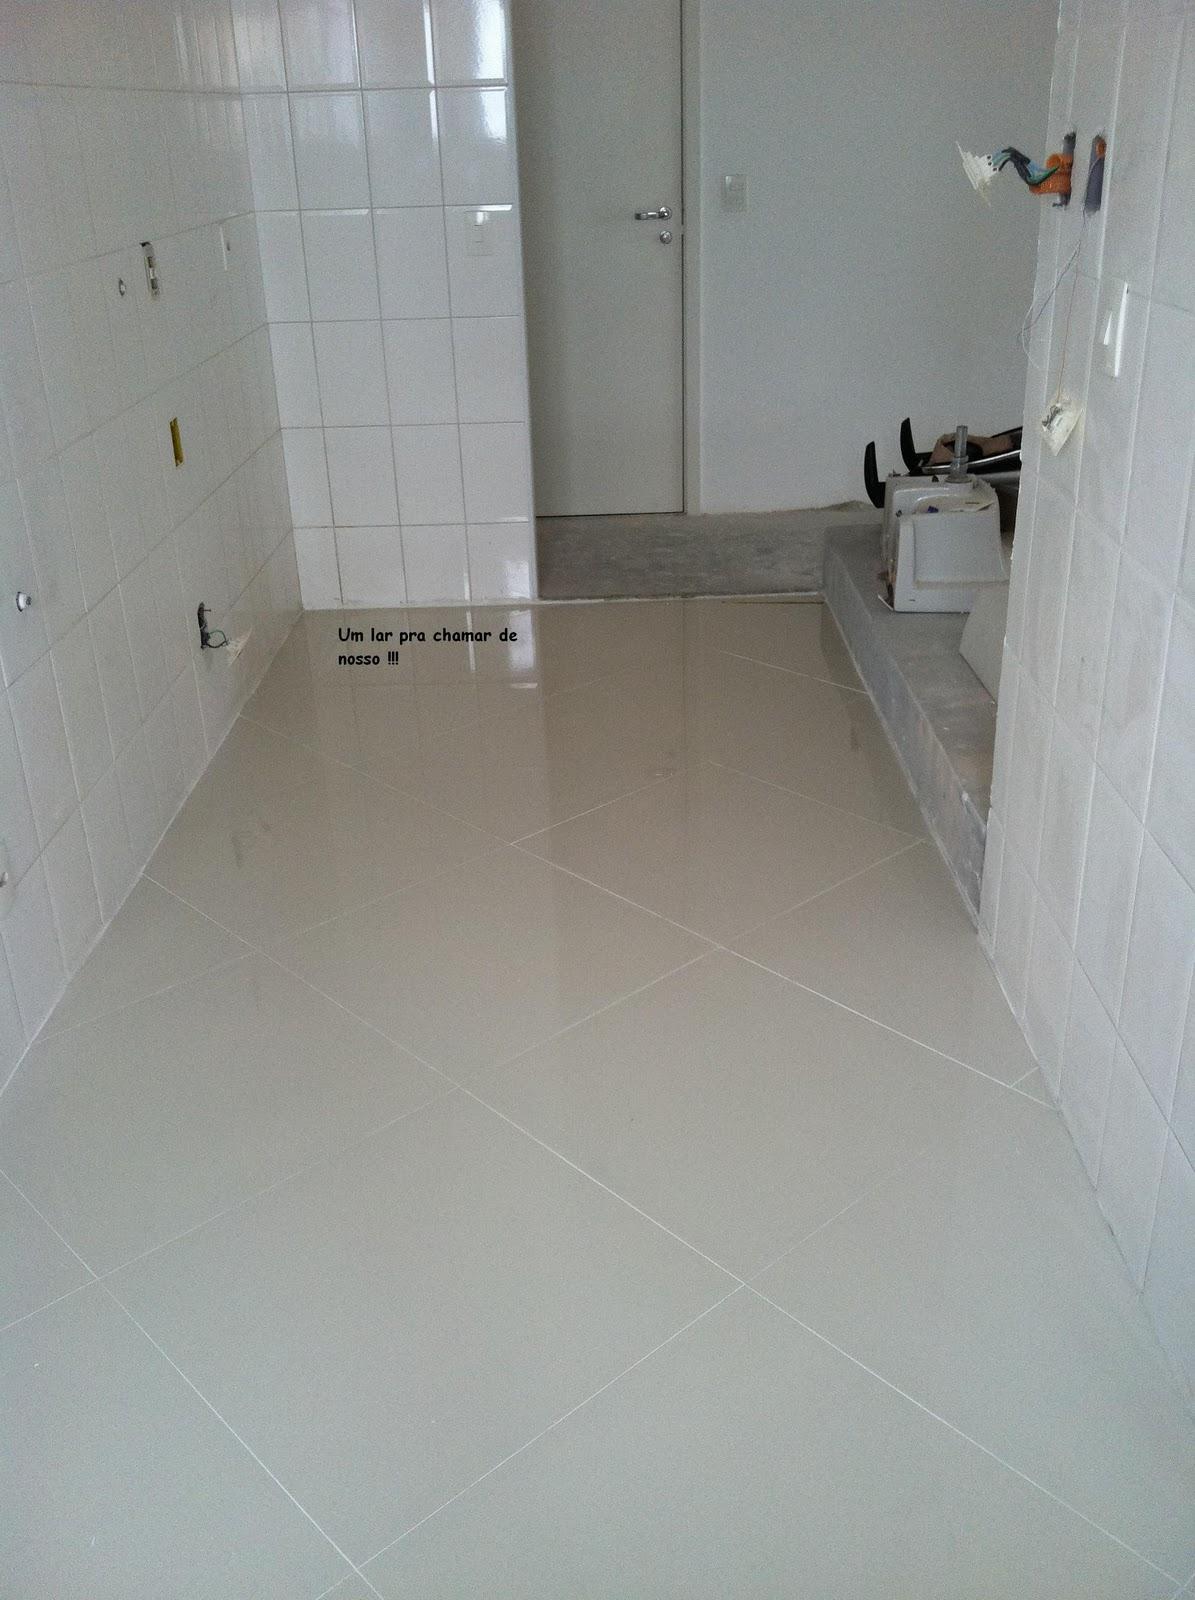 Trocamos o piso por porcelanato bege e deixamos preparado para a  #5A4F46 1195x1600 Banheiro Com Revestimento Branco E Piso Bege